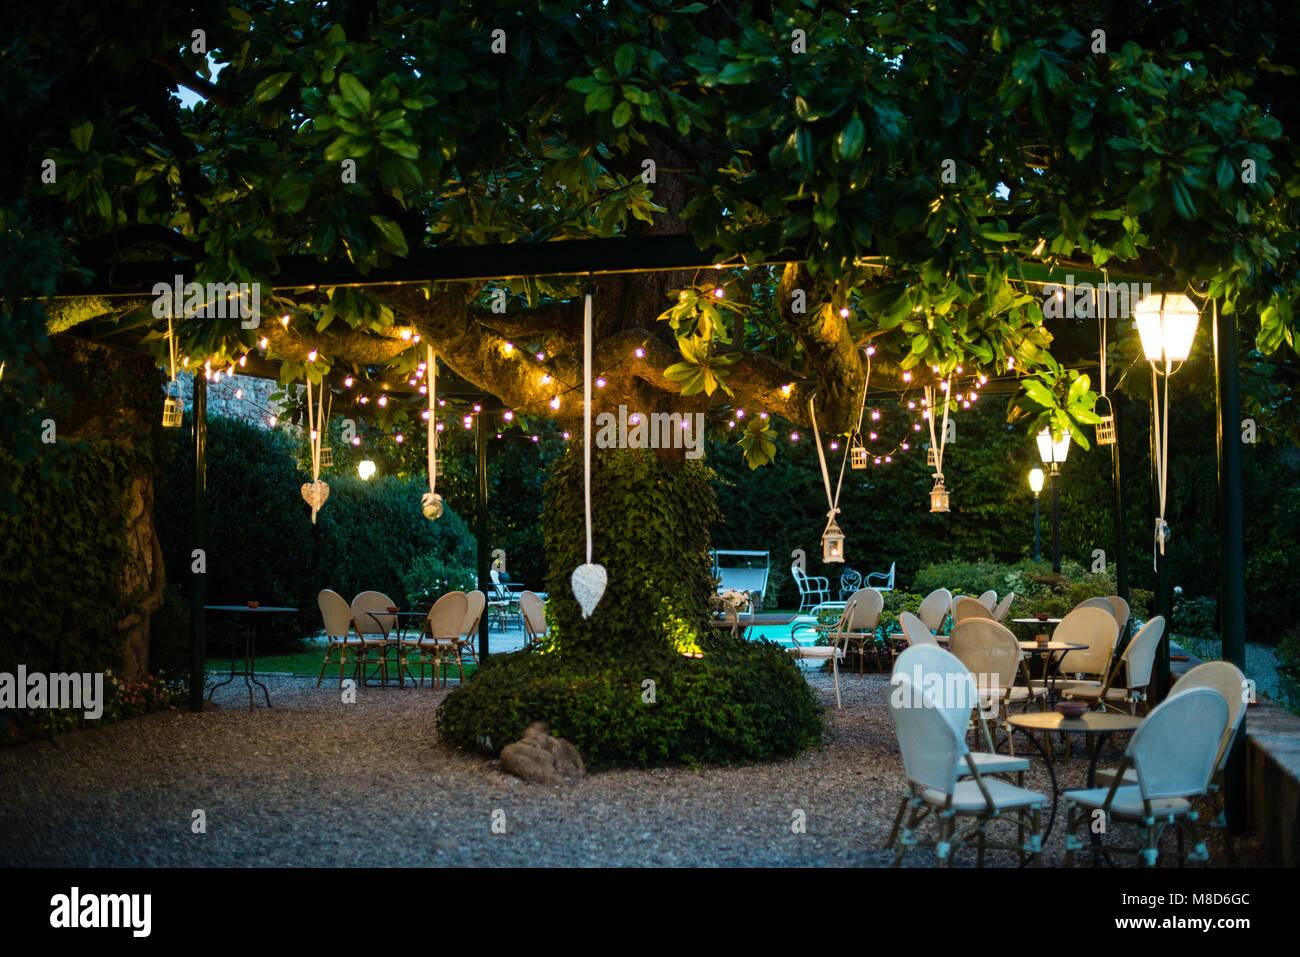 Villa con gran jardín con muchos árboles de magnolia farolillos y bombillas  de luz eléctrica colgando de sus ramas fd90f682301